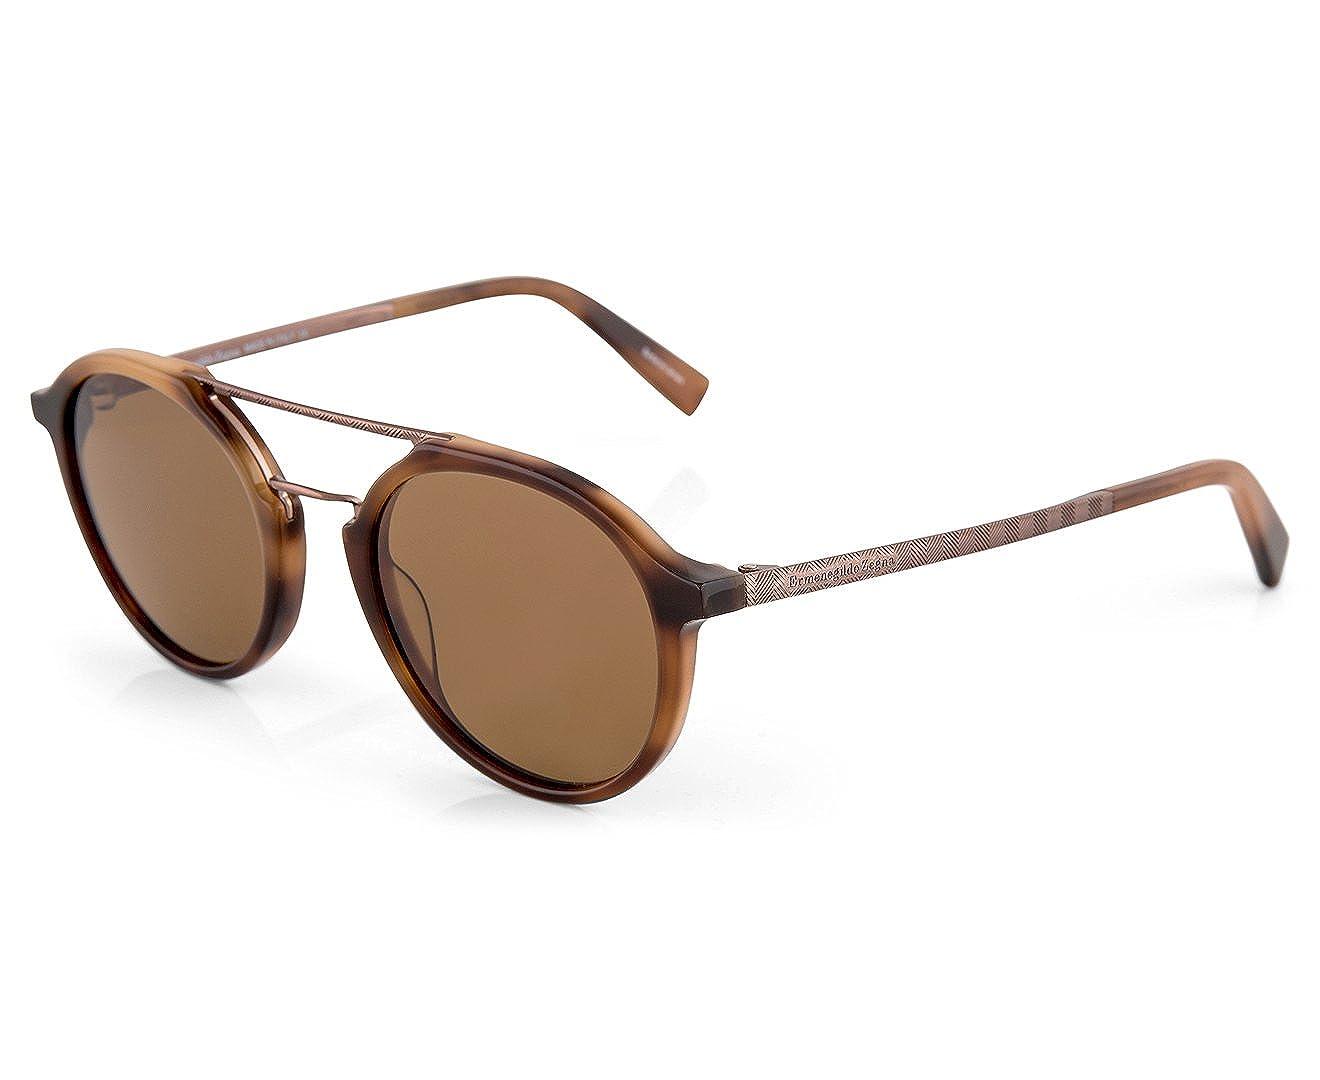 5f20d80e559f Amazon.com: Ermenegildo Zegna EZ0070 - 52E Sunglasses dark havana frame w/  brown Lens 50mm: Clothing